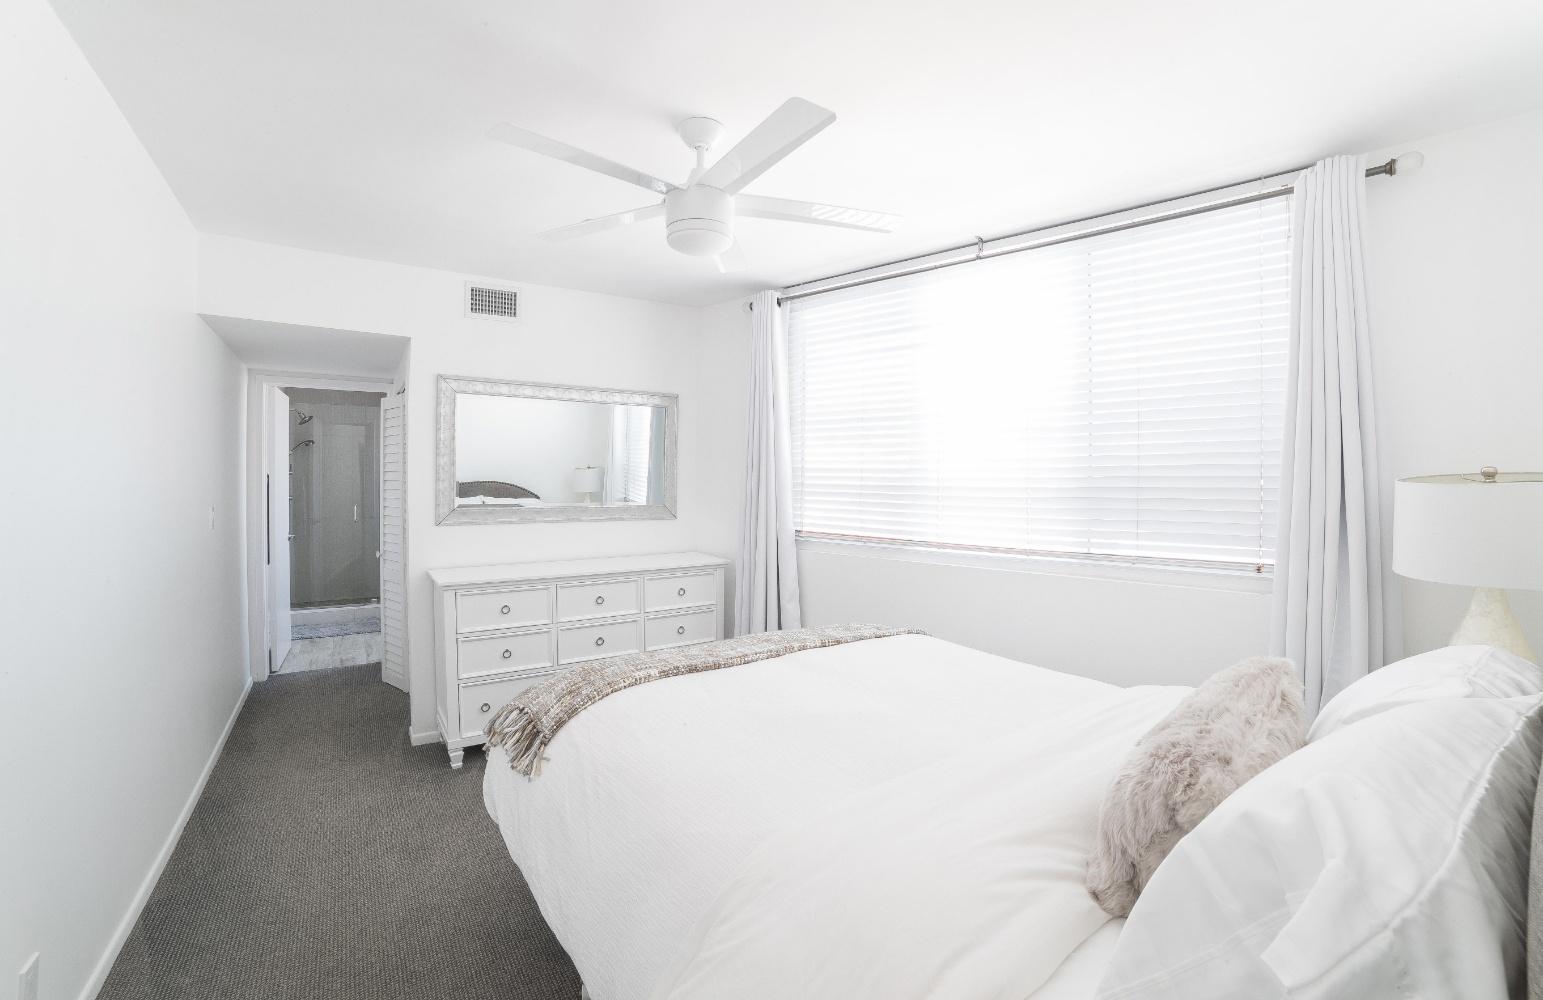 Hermosa Beach Apartment Bedroom 1